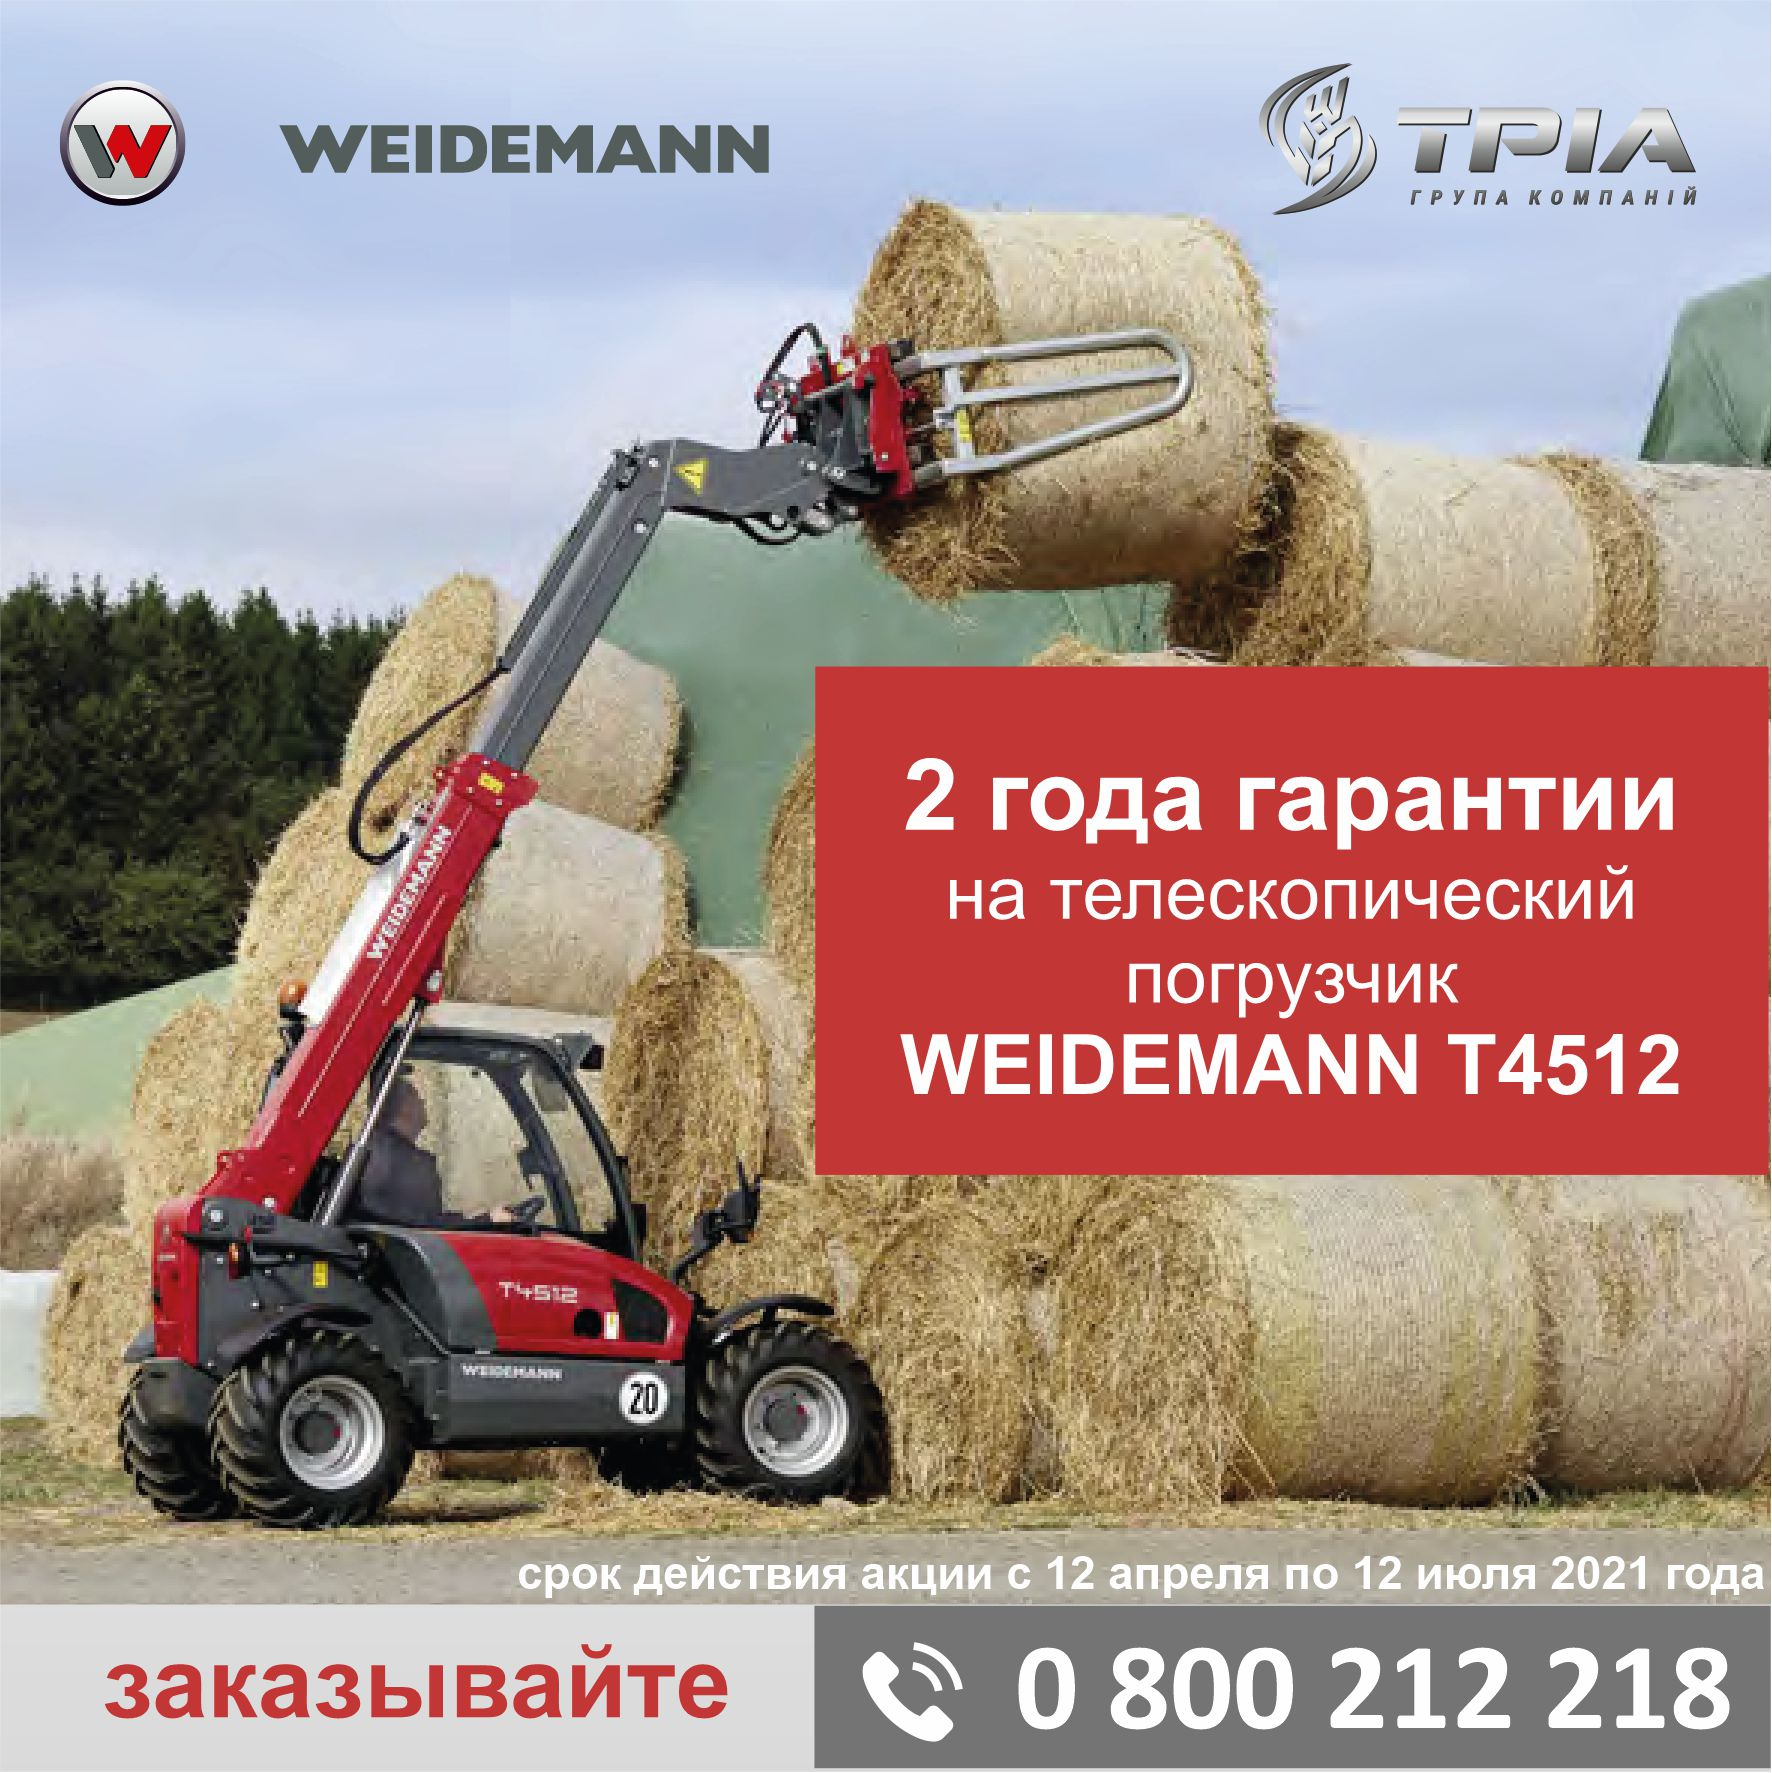 Акция на телескопический погрузчик Weidemann T4512 — продленная гарантия на 2 года в подарок!